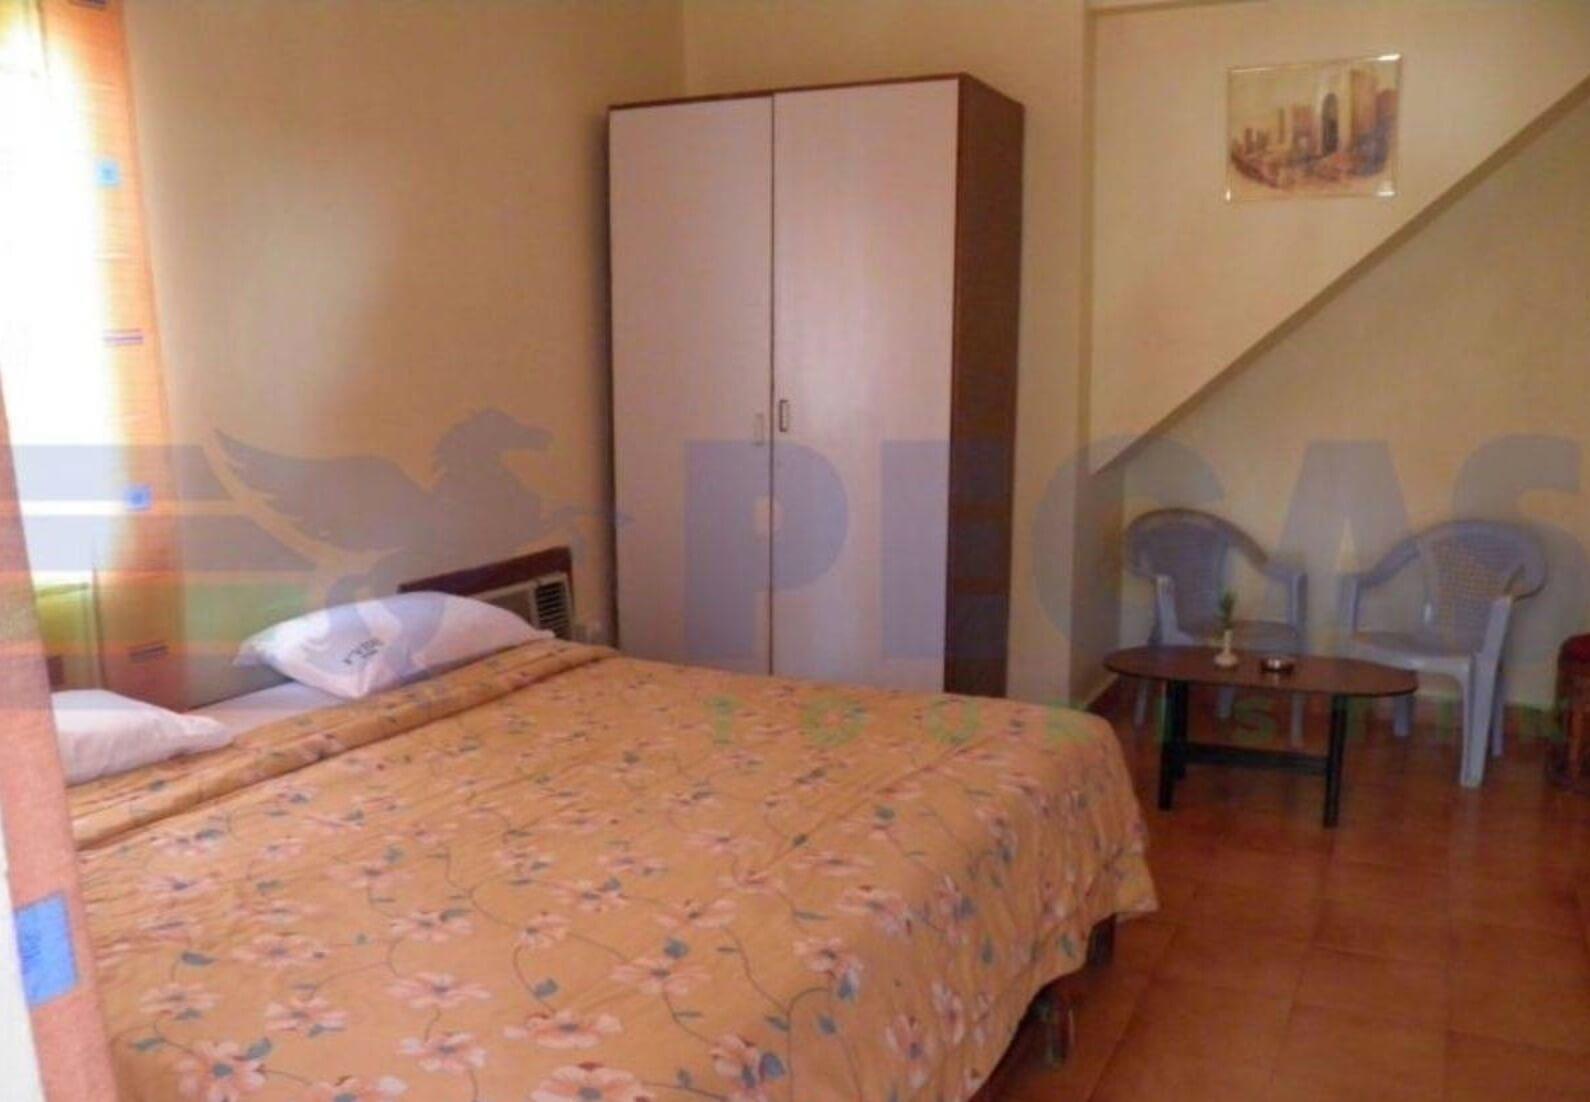 Тур в Северный Гоа в Paradise Village Beach Resort 3* (Индия) на 7 ночей с 15.01.19 от 53 642 рублей (BB) на двоих